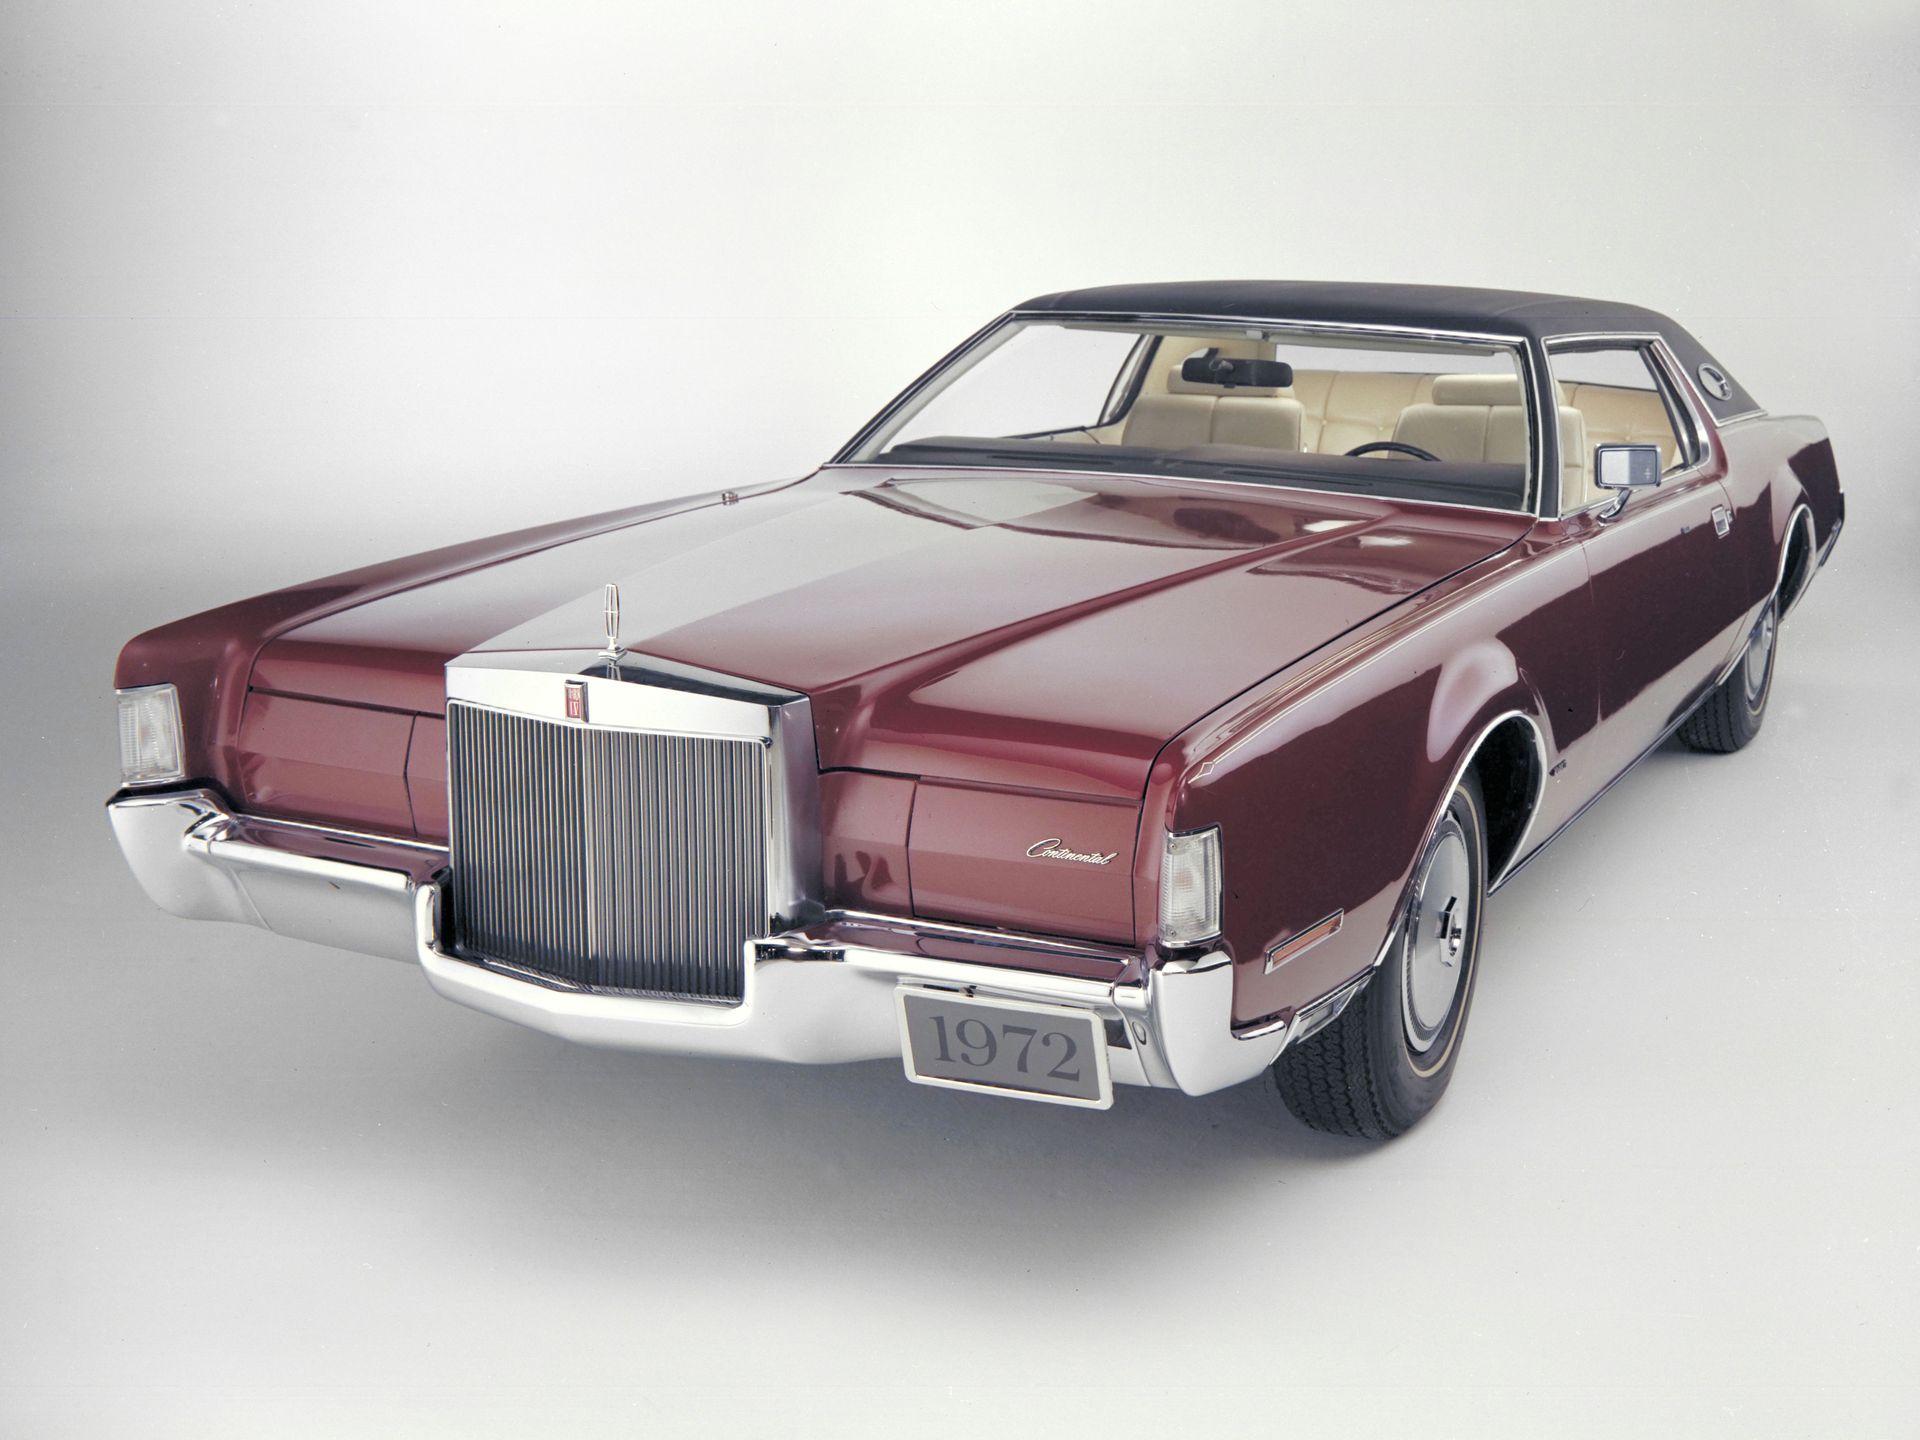 1972 Lincoln Continental - Seatco